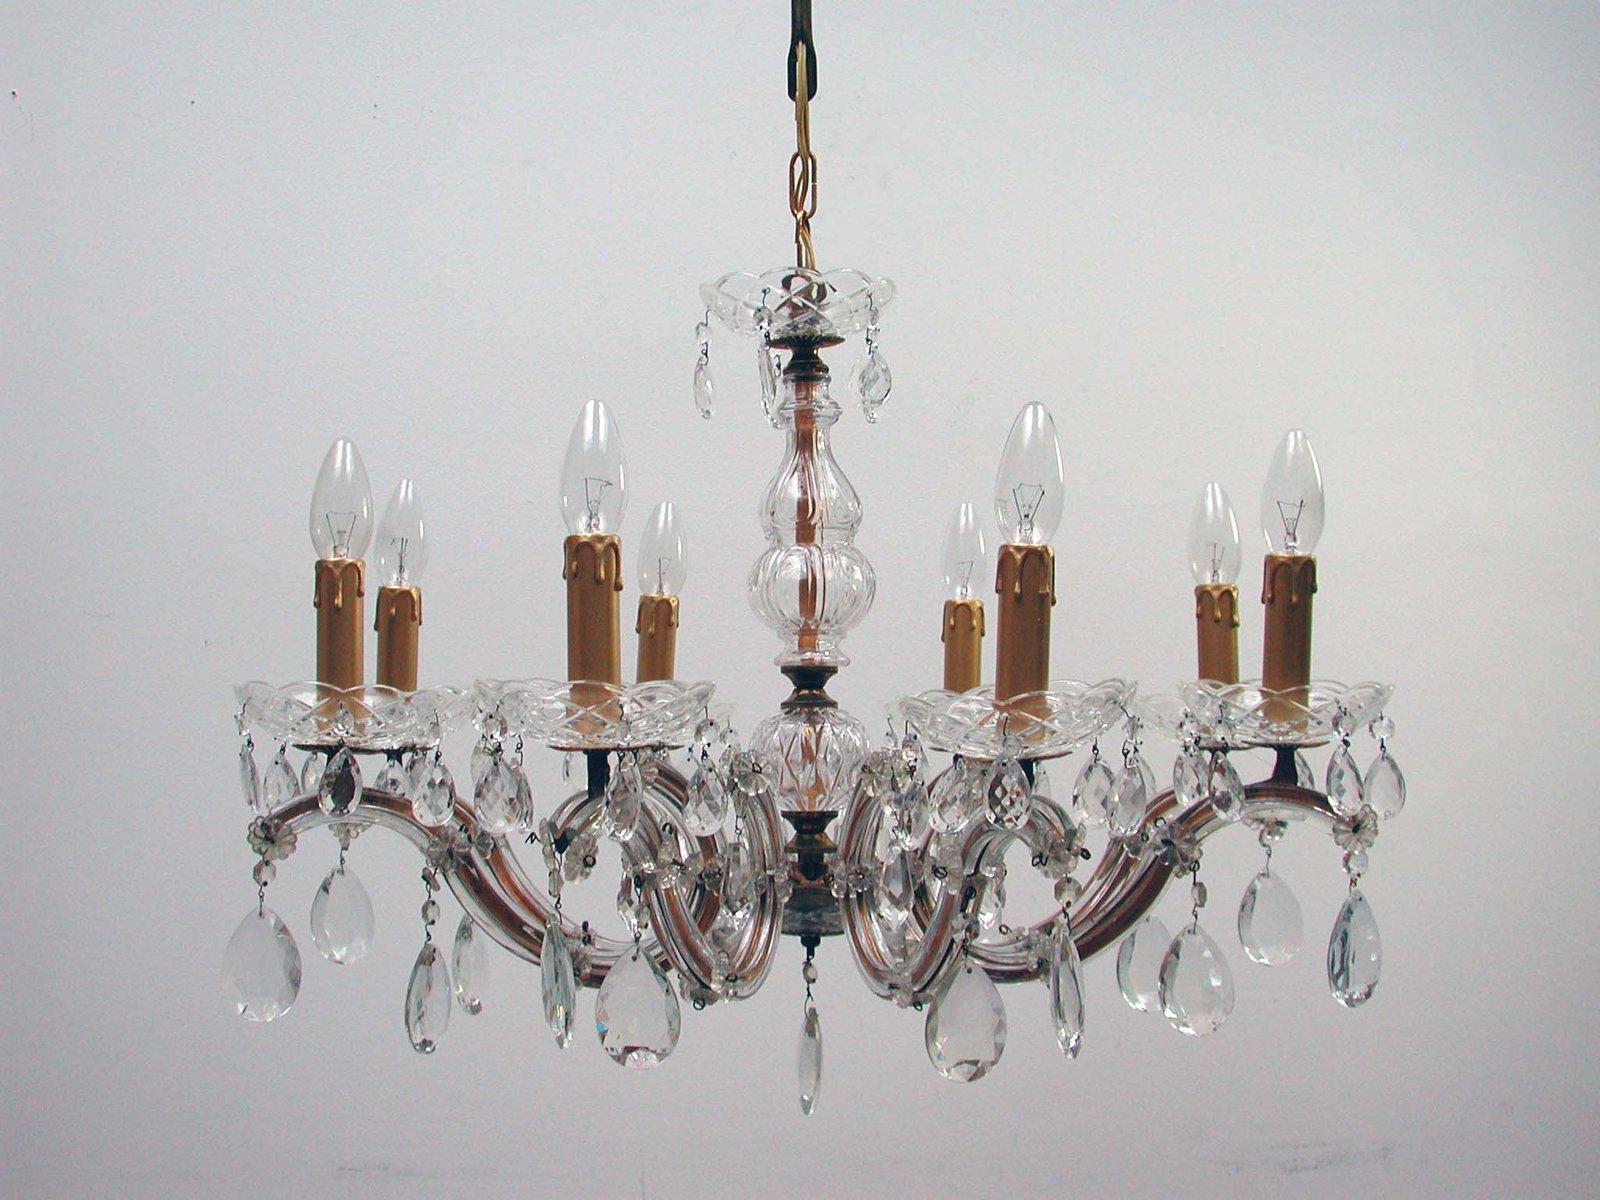 Kronleuchter Klein Kristall ~ Italienischer kronleuchter mit leuchten aus messing kristall